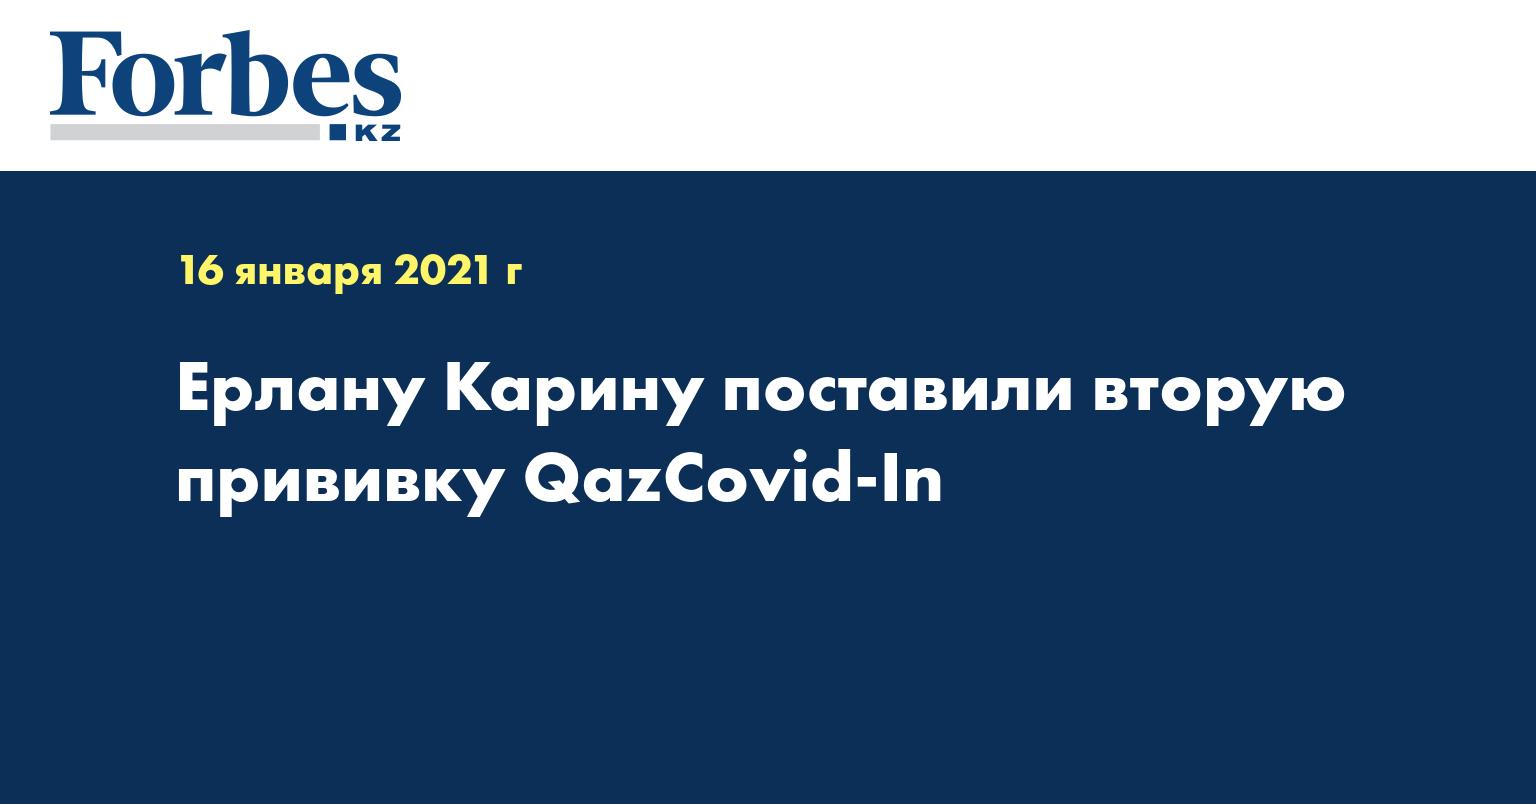 Ерлану Карину поставили вторую прививку QazCovid-In